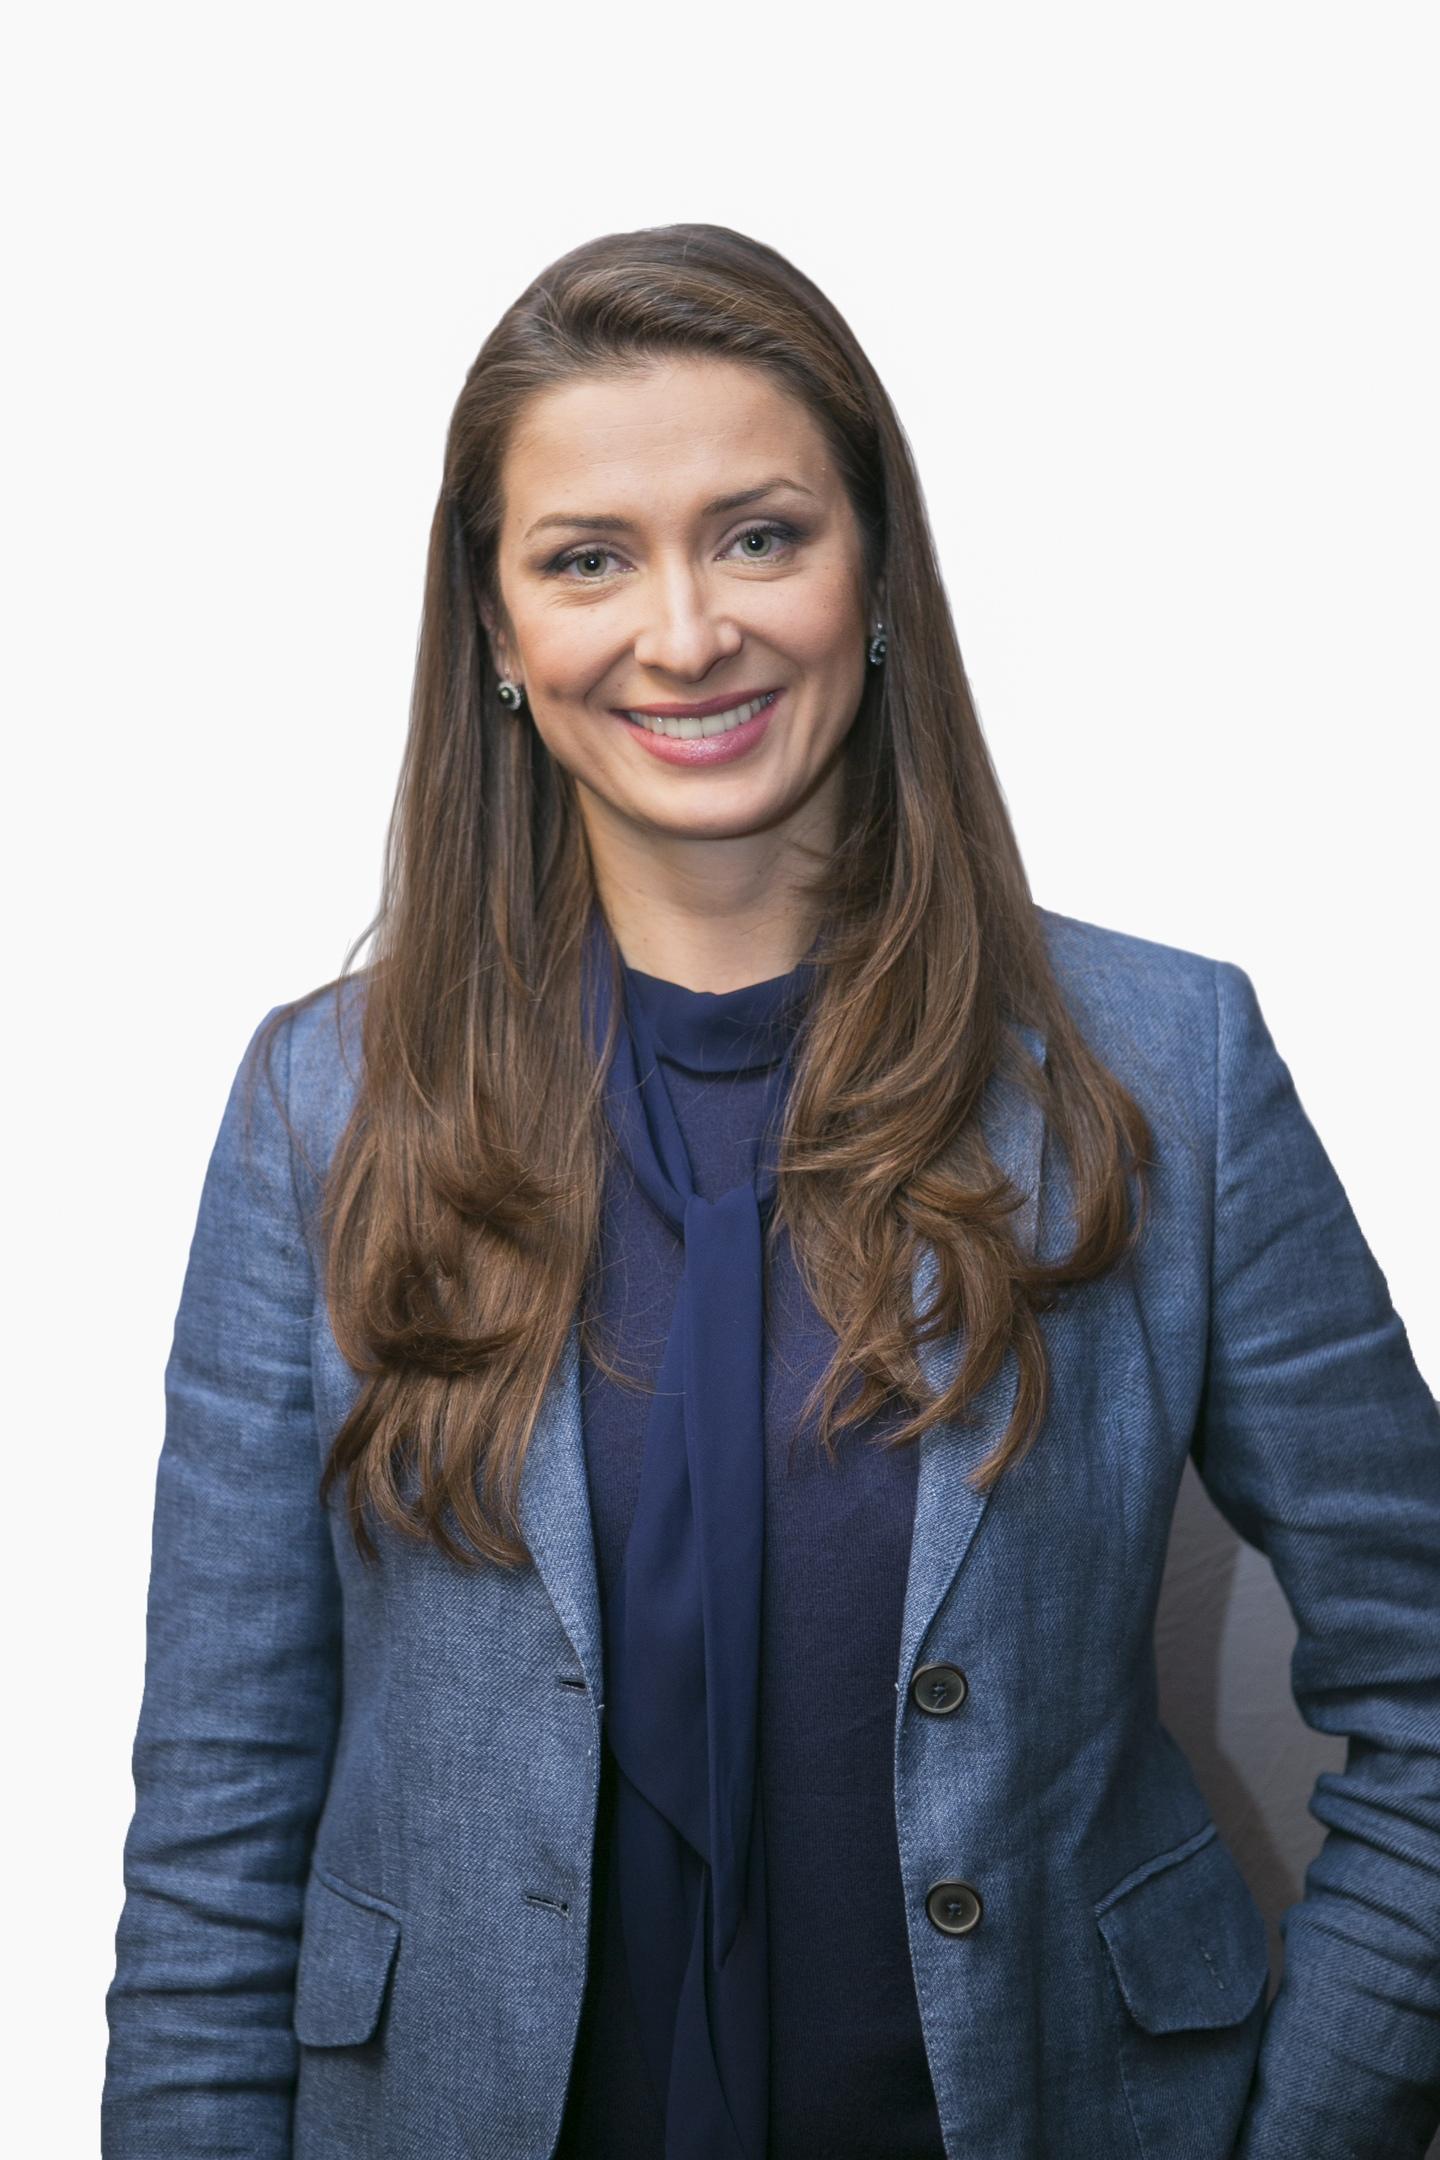 Мария Ситтель фото плейбой